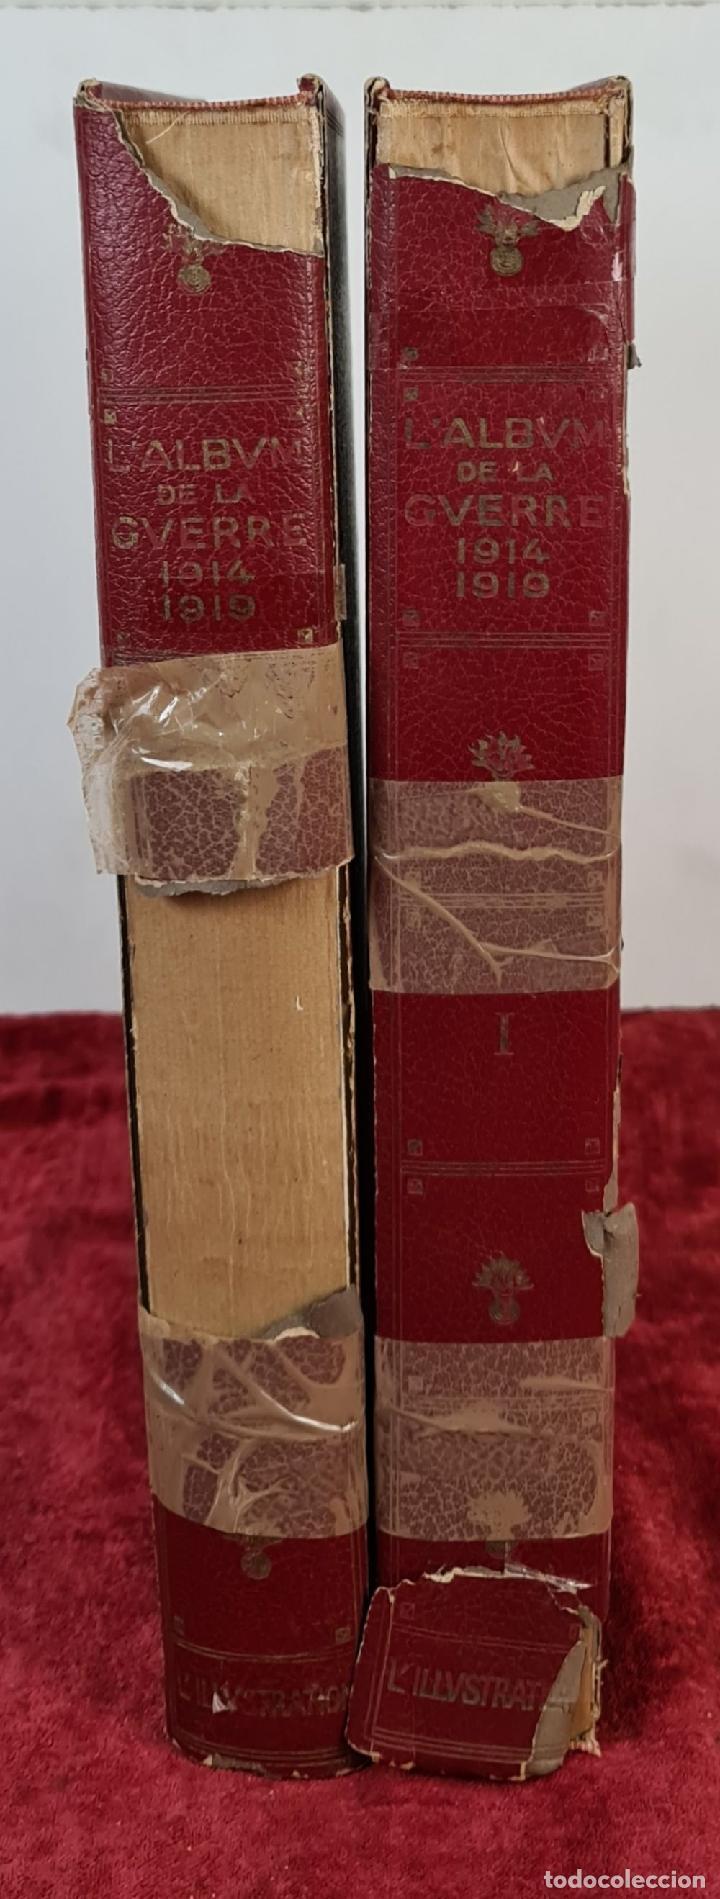 Libros antiguos: LALBUM DE LA GUERRE. VVAA. LILLUSTRATION. 2 TOMOS. 1932. - Foto 6 - 212955616